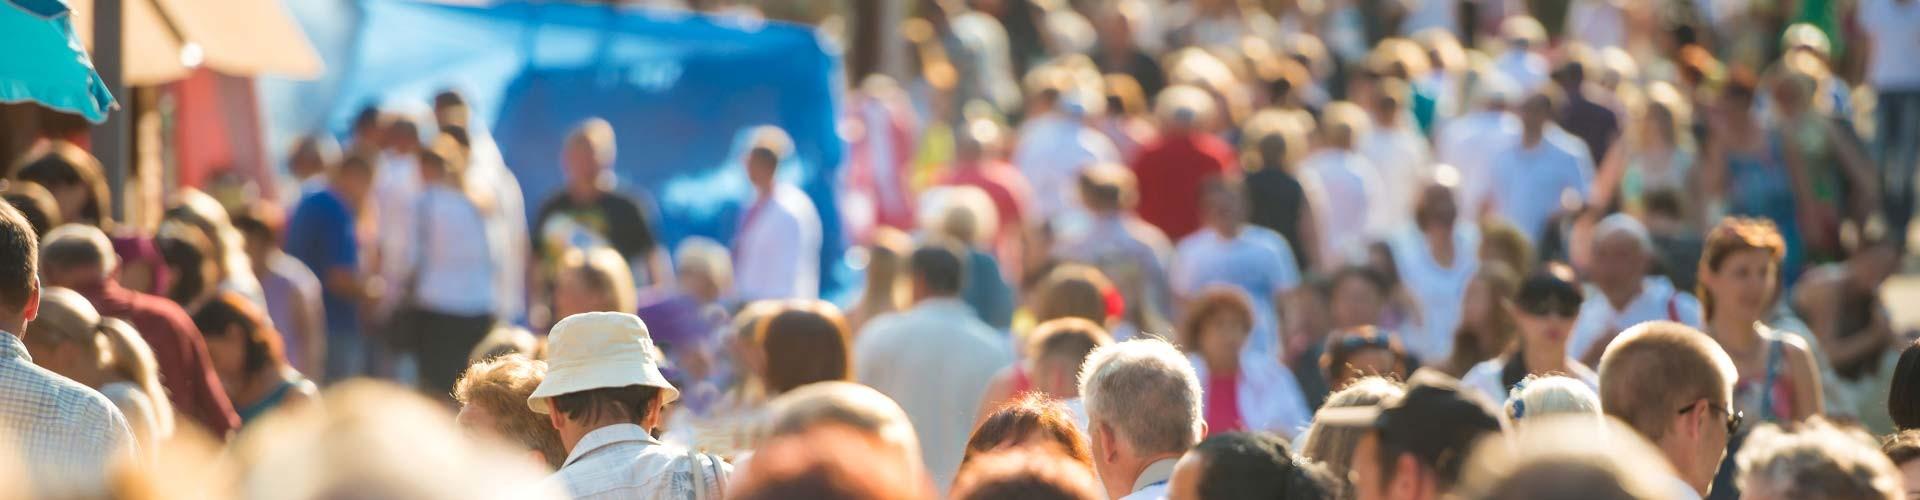 Viele Menschen spazieren in der Sonne © Pavlo Vakhrushev, stock.adobe.com